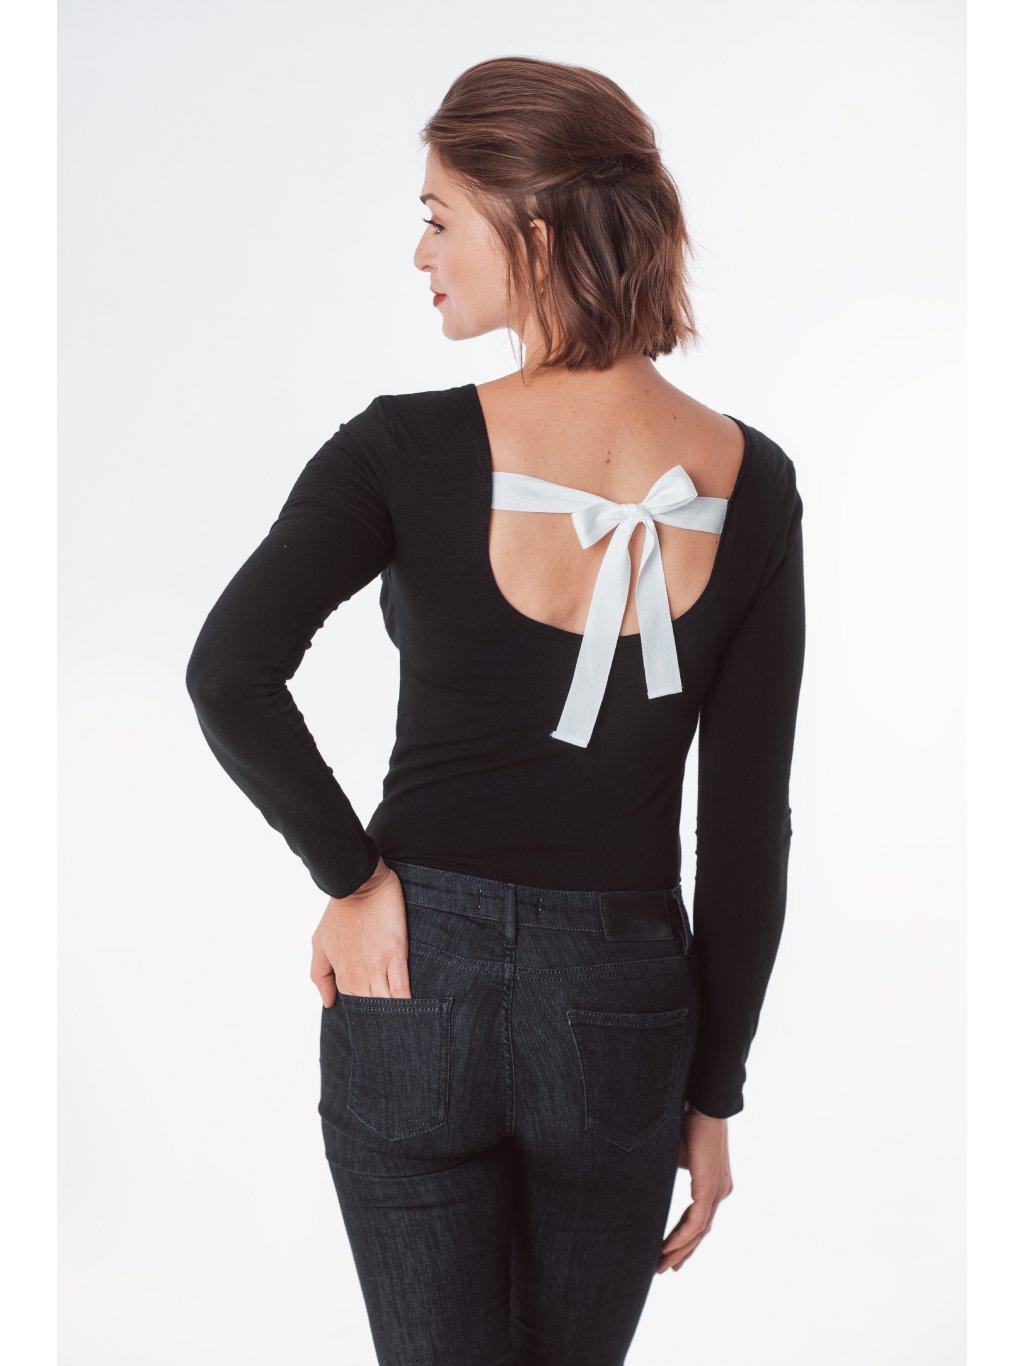 Dámské basic tričko s mašlí na zádech černé